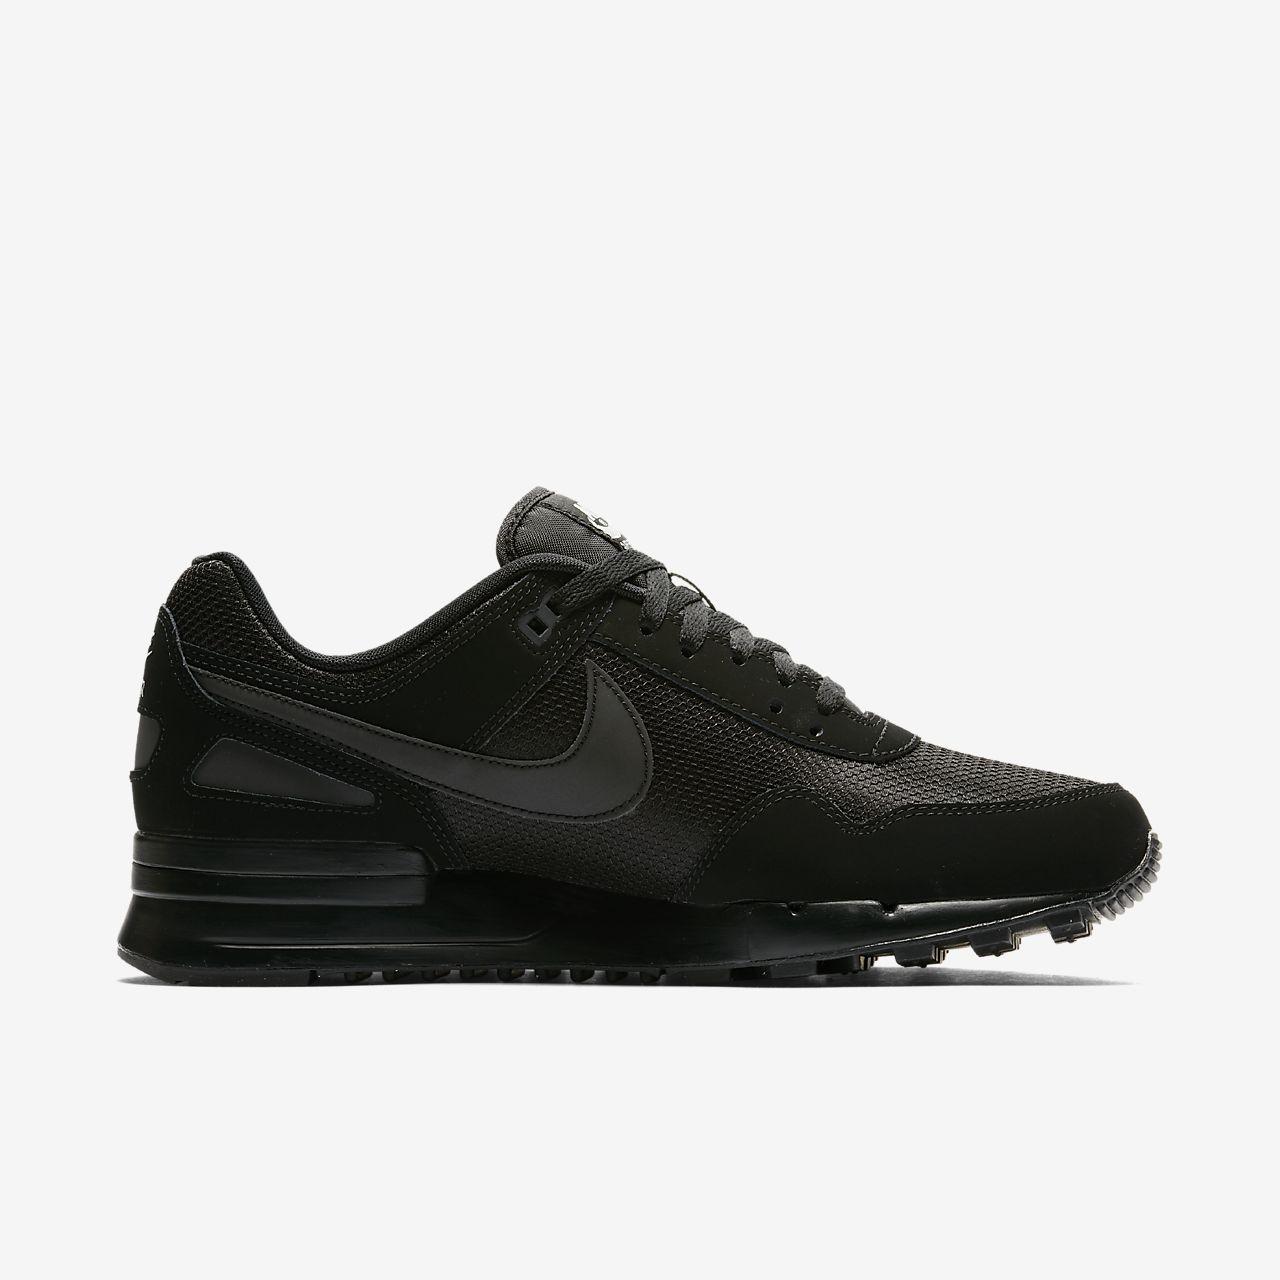 227fc18b27d07 Nike Air Pegasus 89 Men s Shoe. Nike.com GB